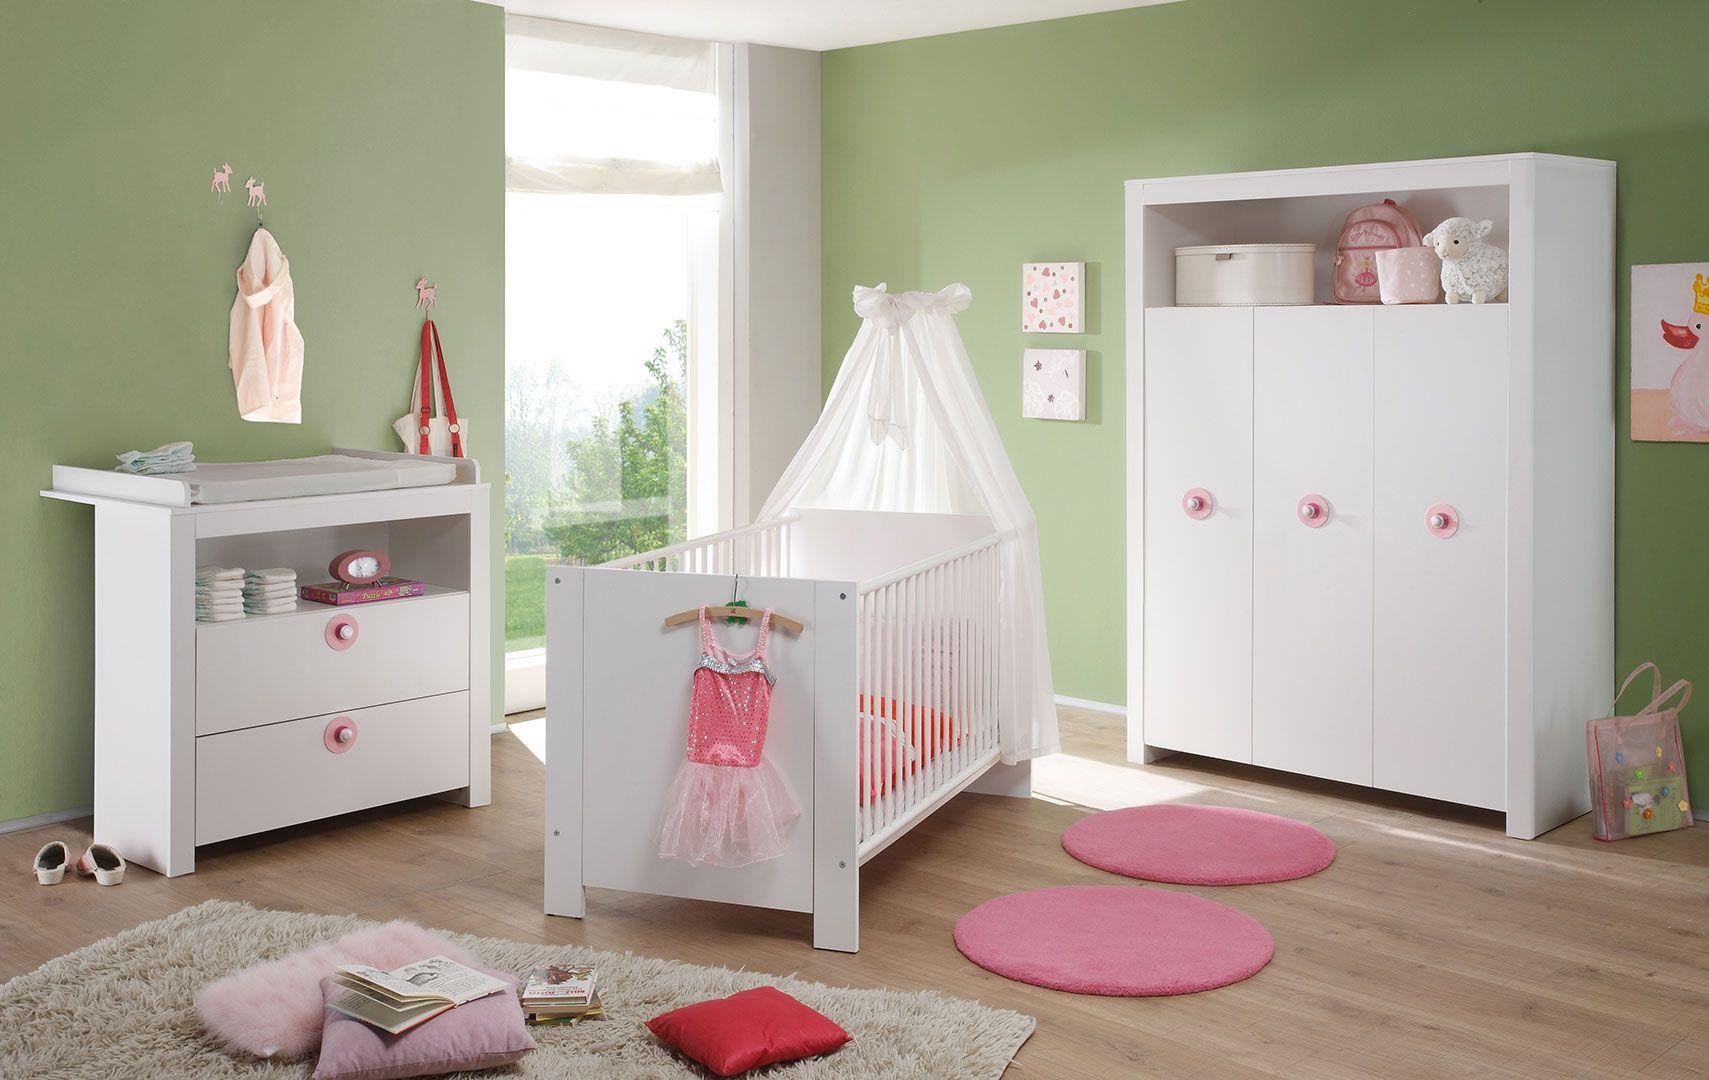 Cute Babyzimmer OLIVIA in der Ausf hrung Dekor Wei und Absetzungen in Rosa oder auch in Blau